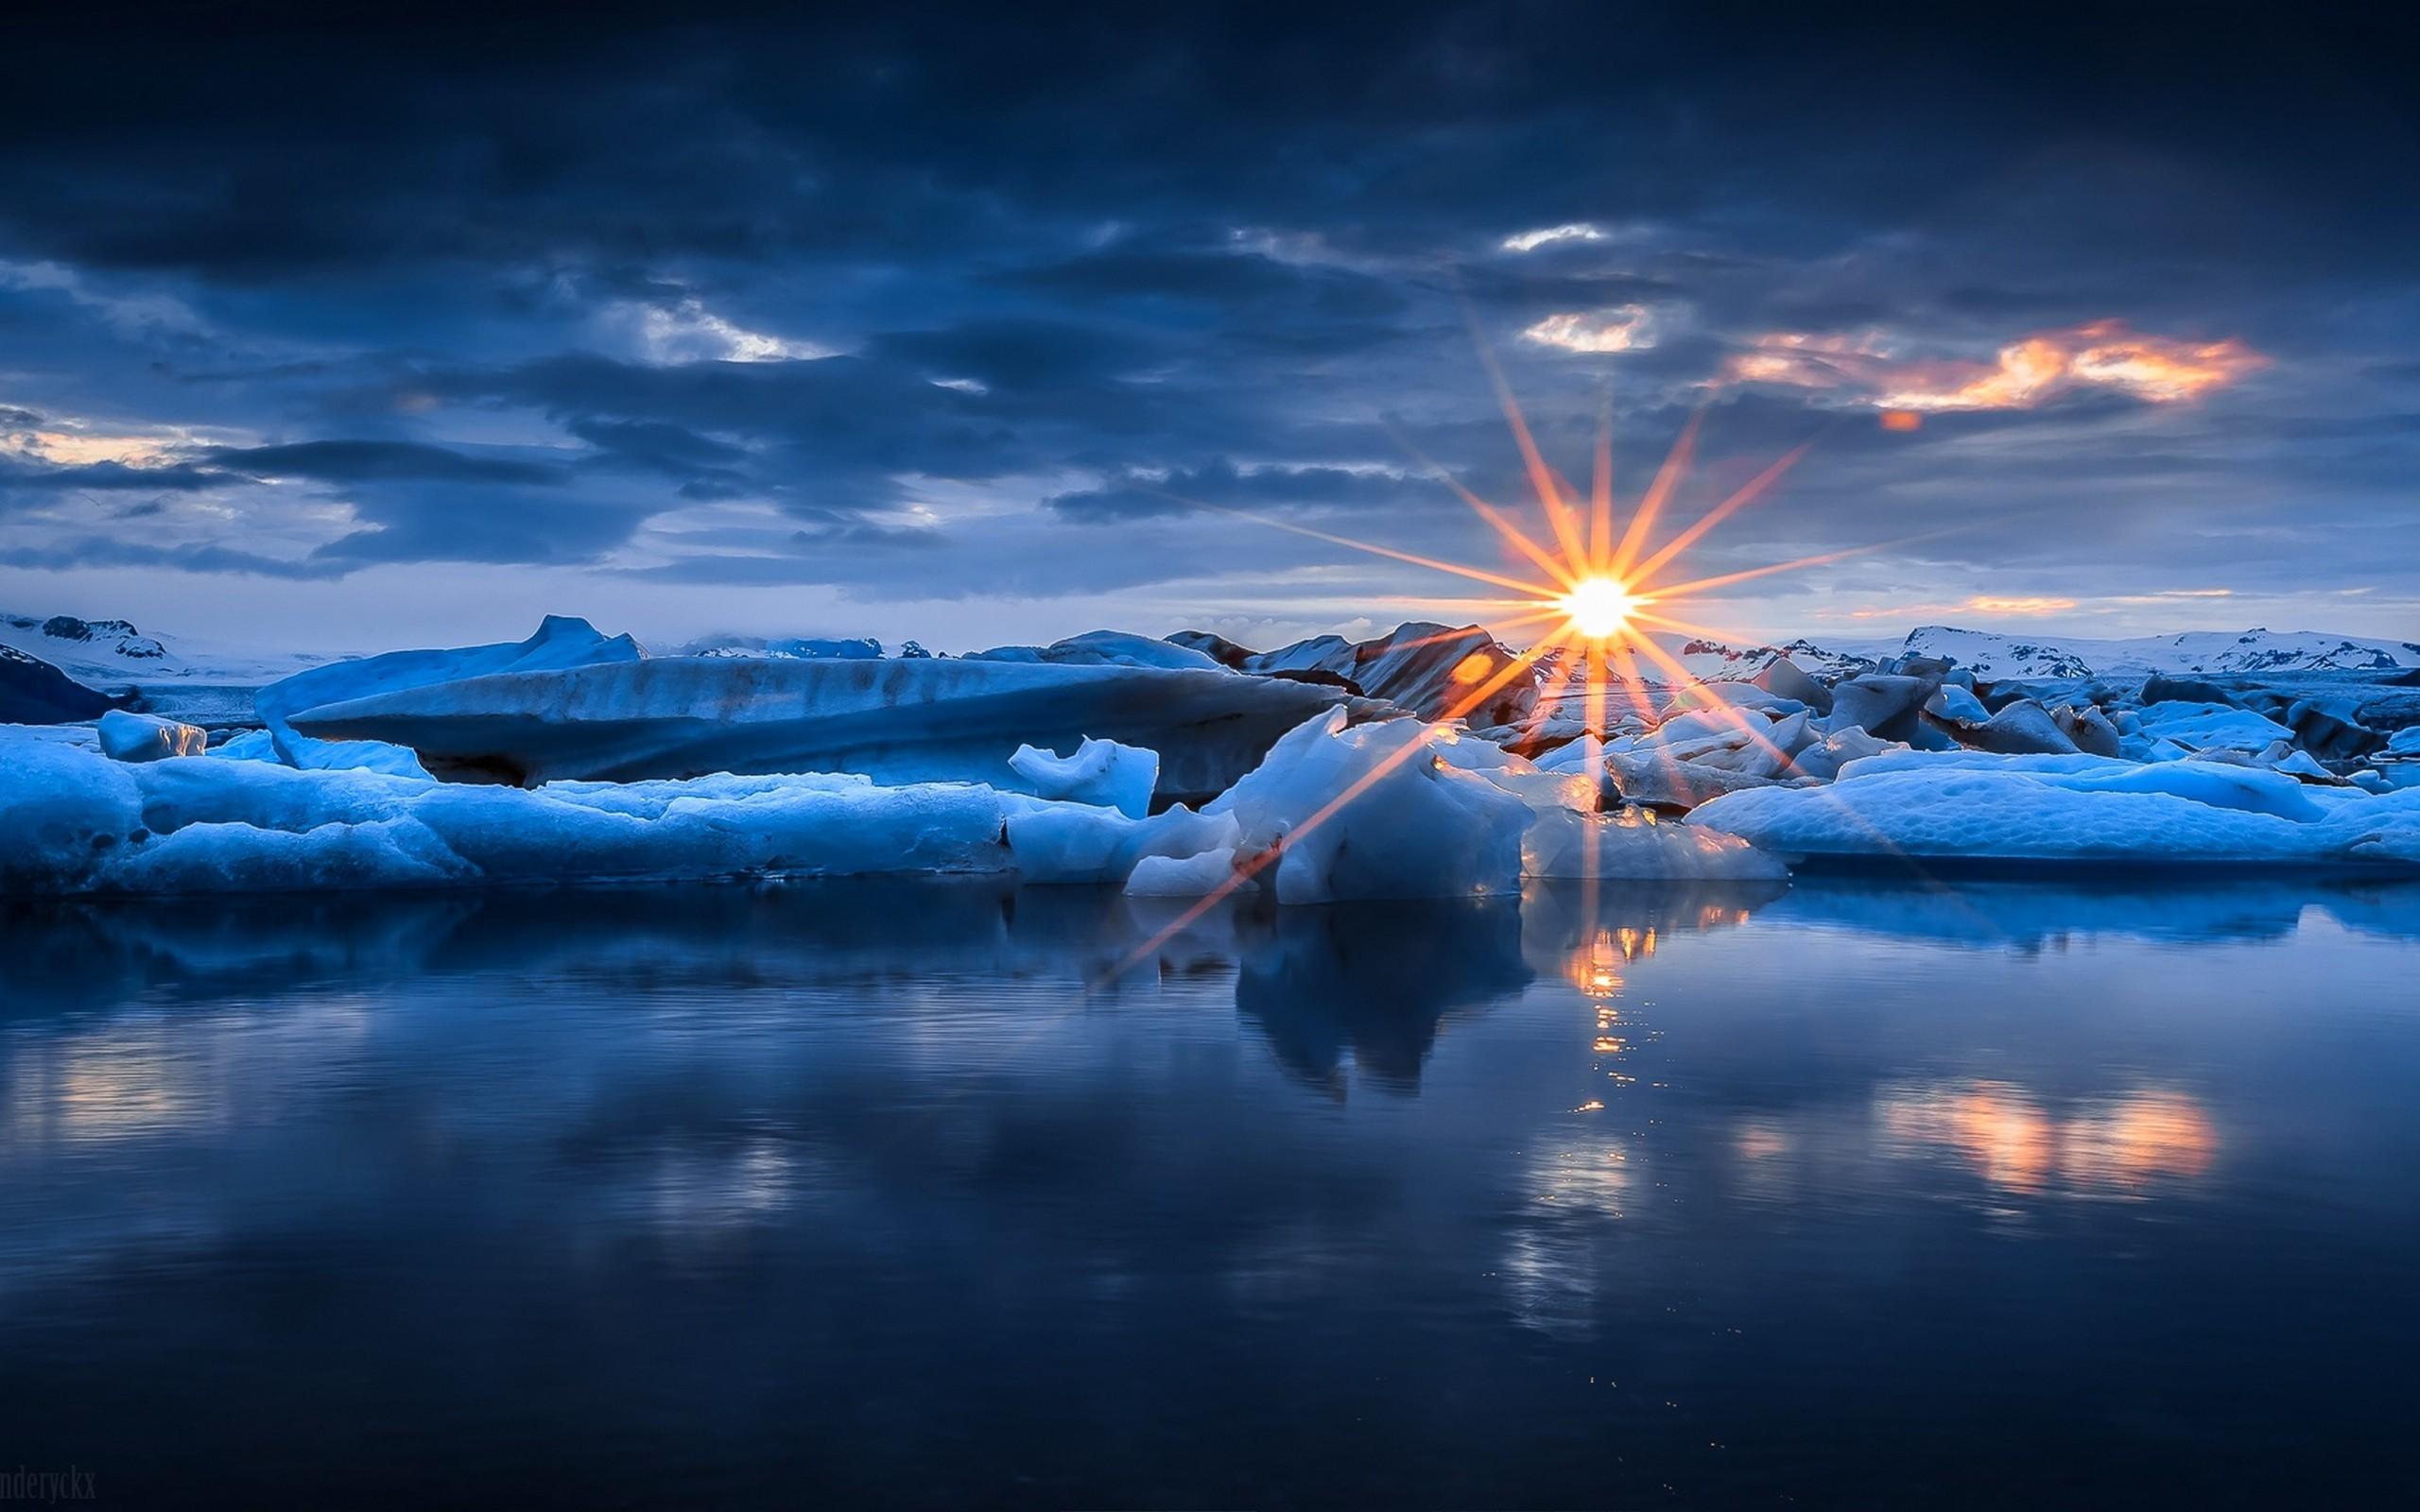 безоблачное небо зимой  № 2469729 бесплатно